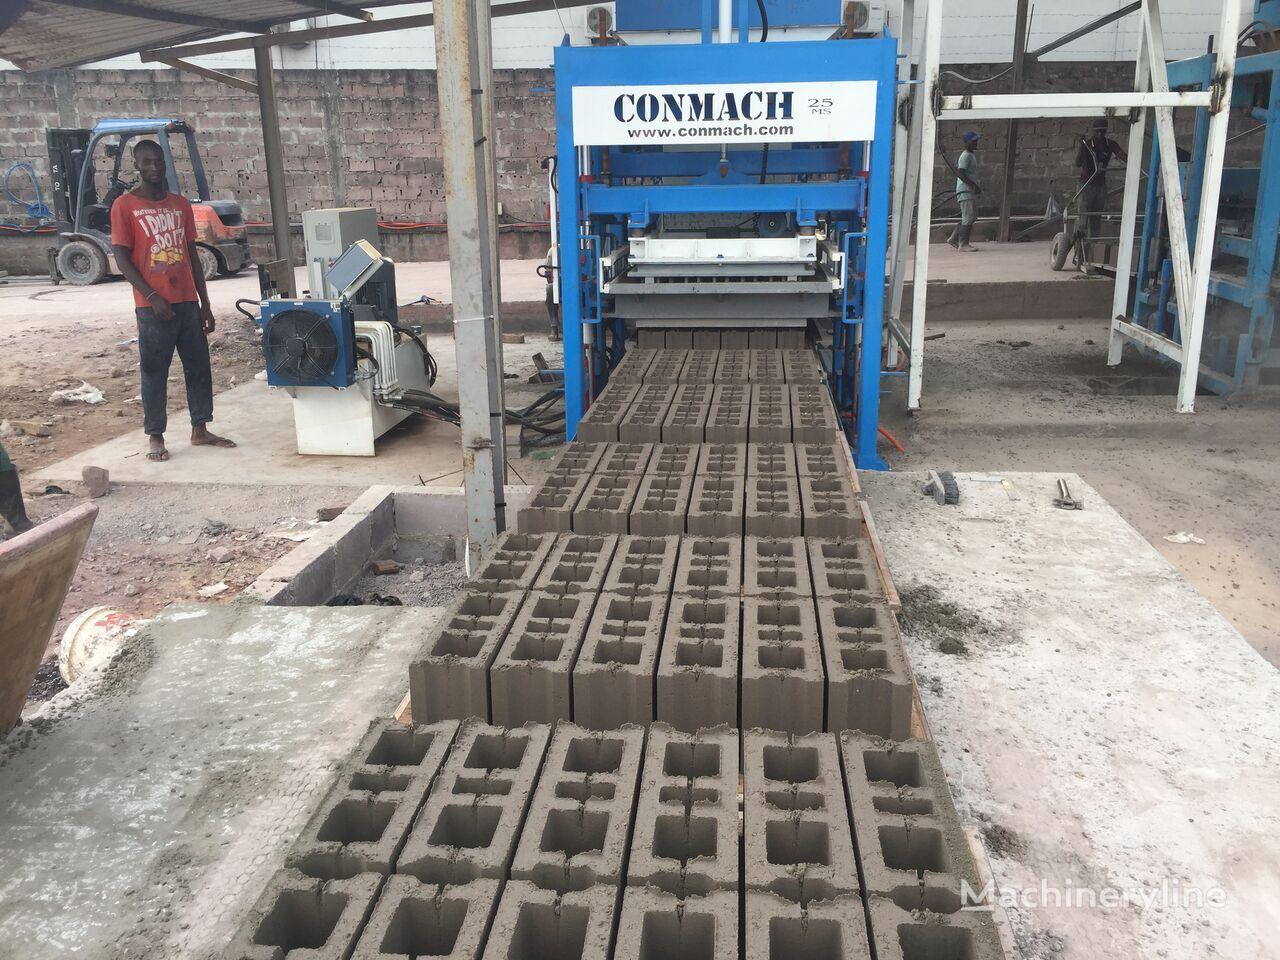 ново оборудване за производство бетонни блокчета CONMACH BlockKing-25MS Concrete Block Making Machine -10.000 units/shift